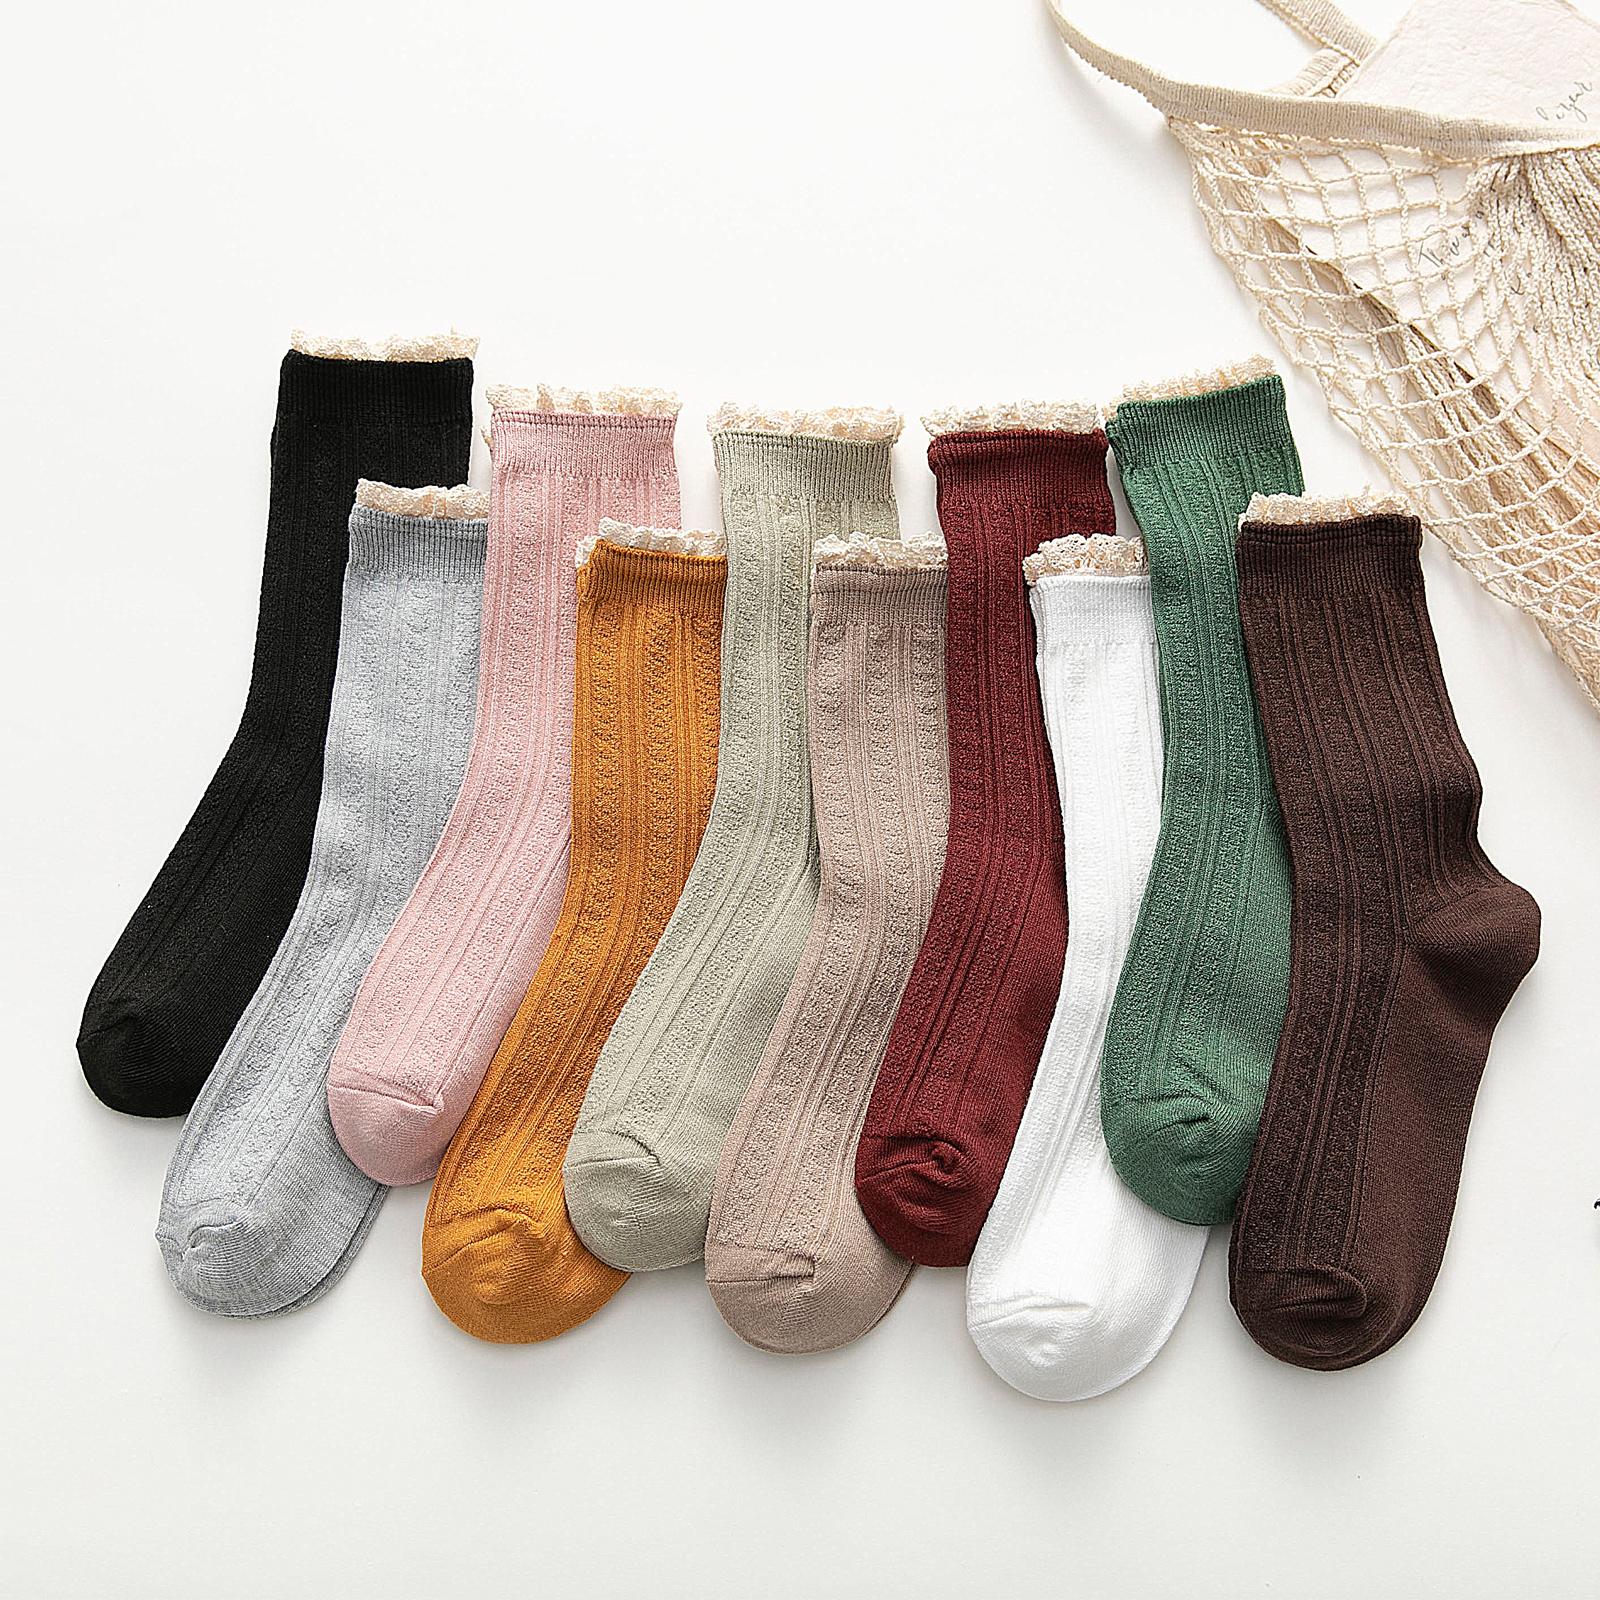 蕾丝花边长筒袜子女ins潮夏季薄款中筒袜韩国日系堆堆袜春秋百搭